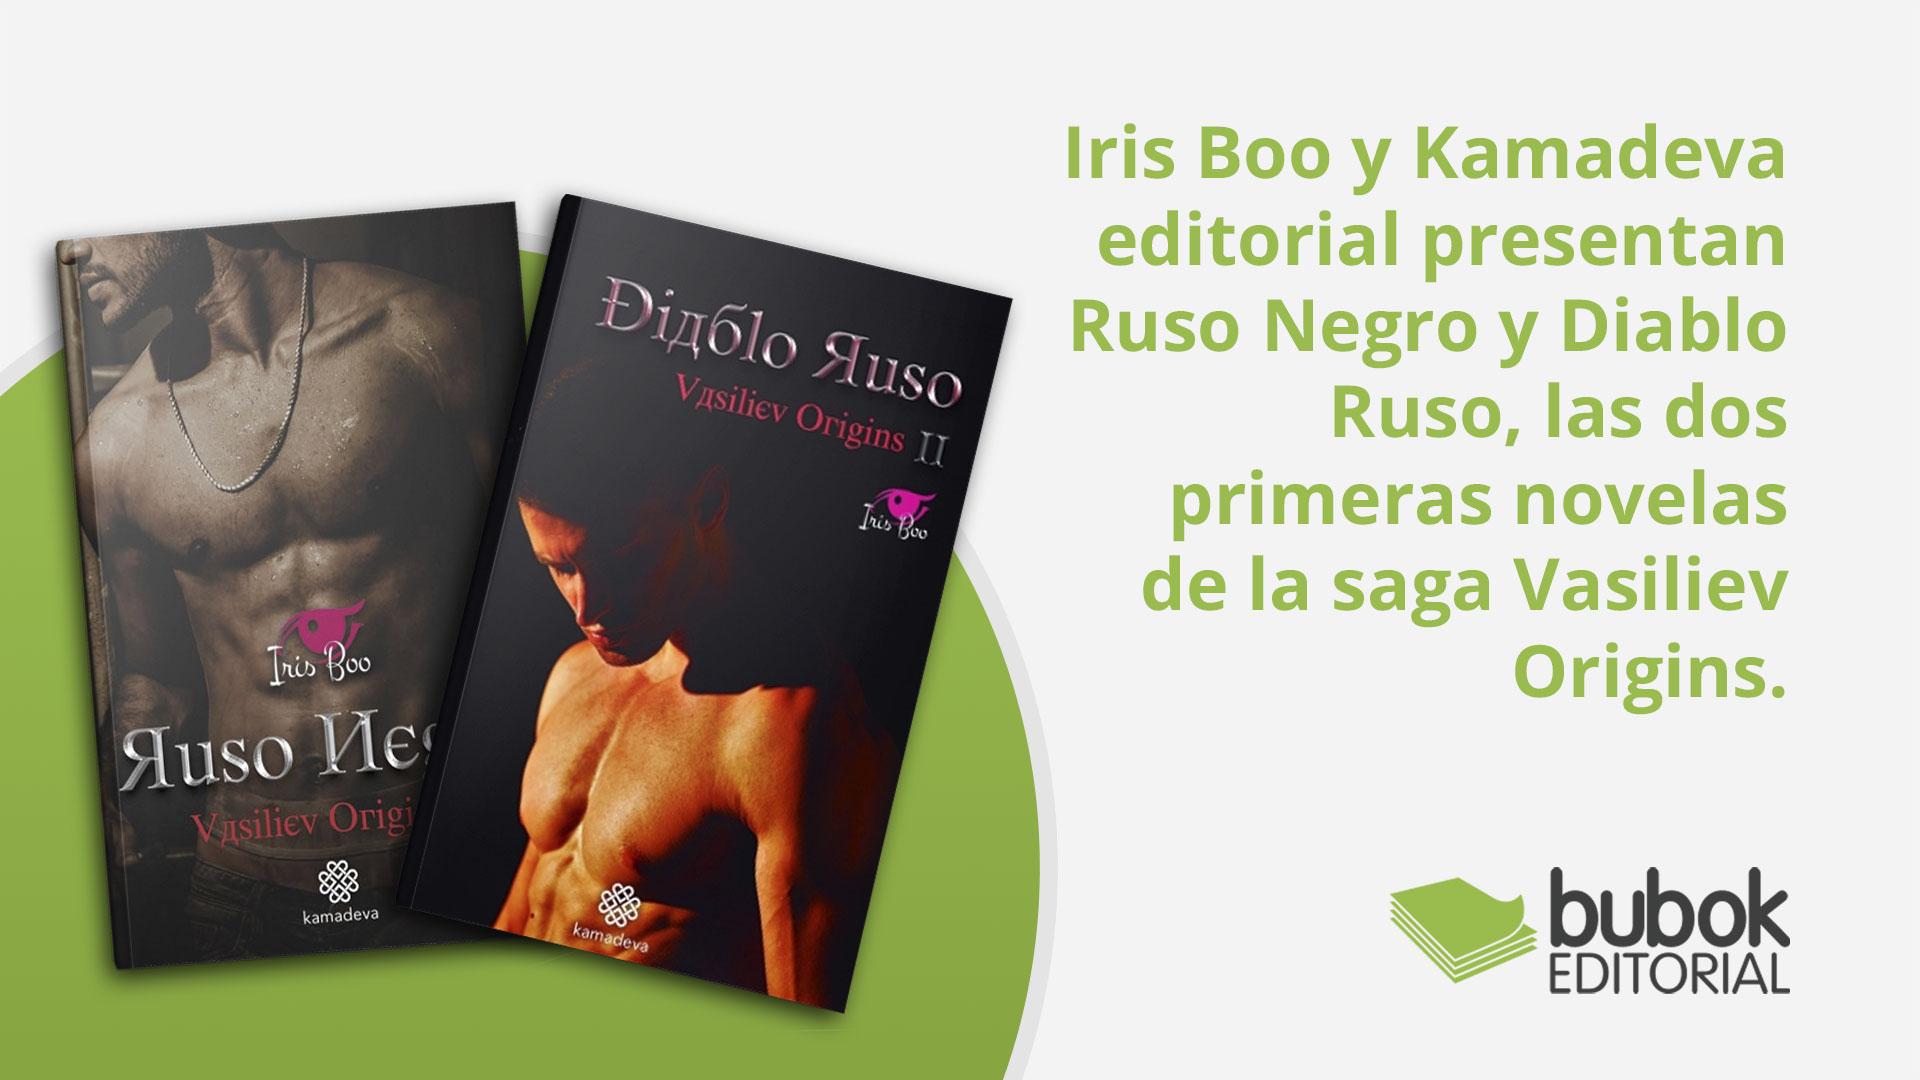 Ruso Negro y Diablo Ruso, las dos primeras novelas de la saga Vasiliev Origins.